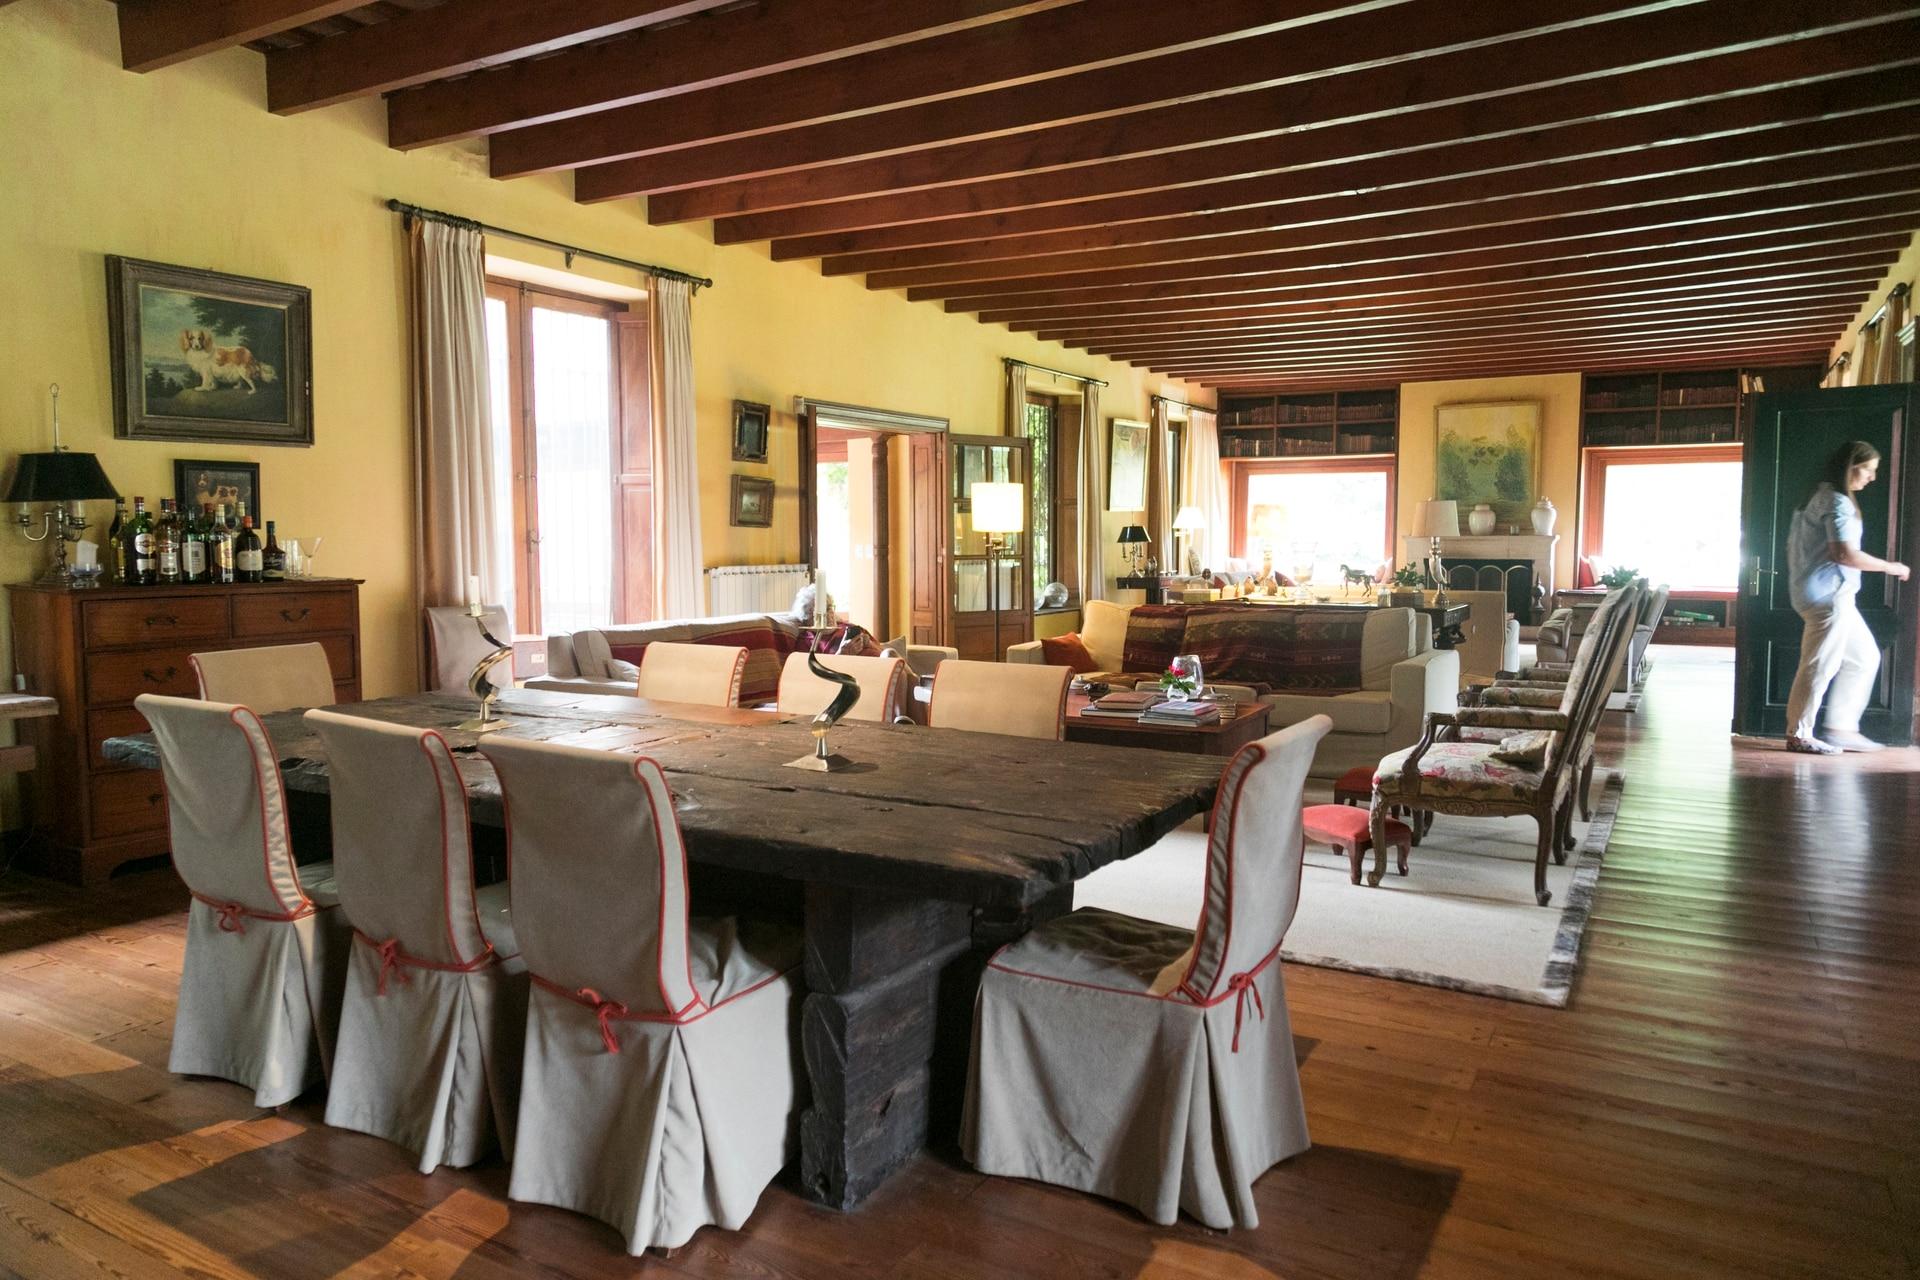 El living y comedor, decorados con calidez y confort, para sentirse como en casa.